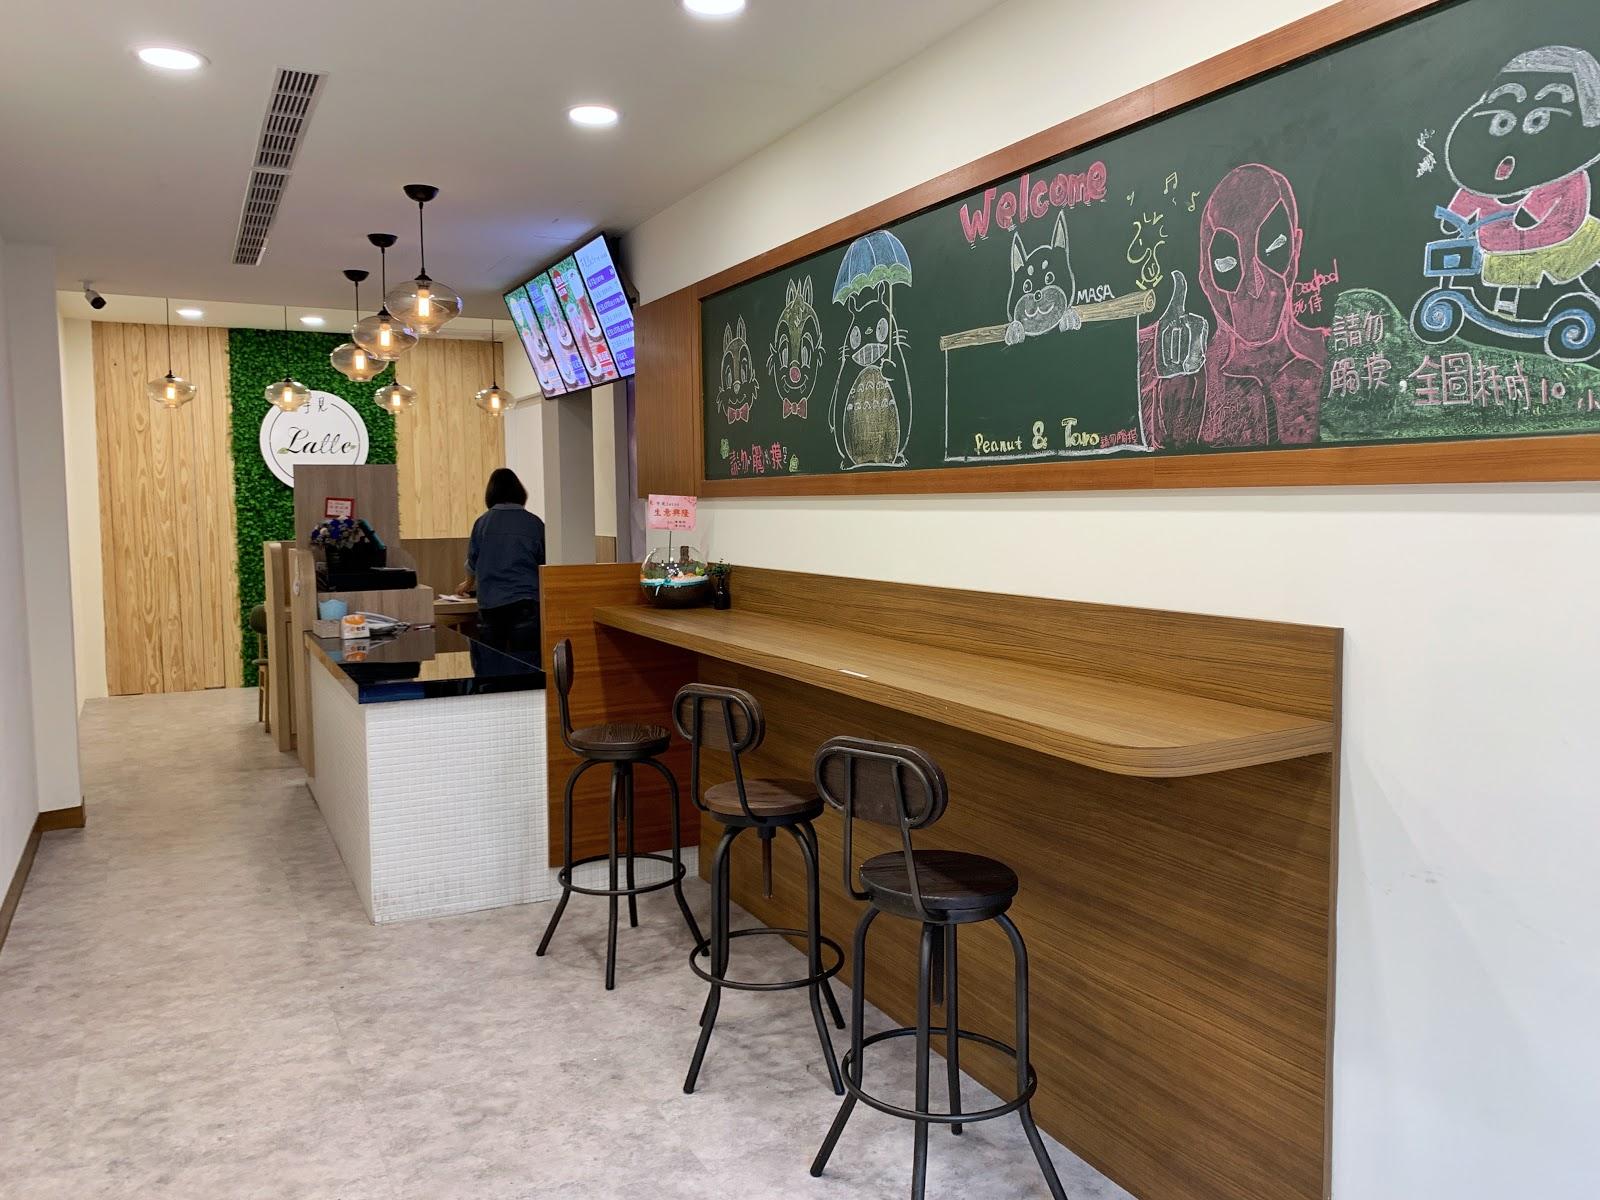 台南中西區美食【芋見Latte冰沙&健康水煮餐專賣店】店內環境